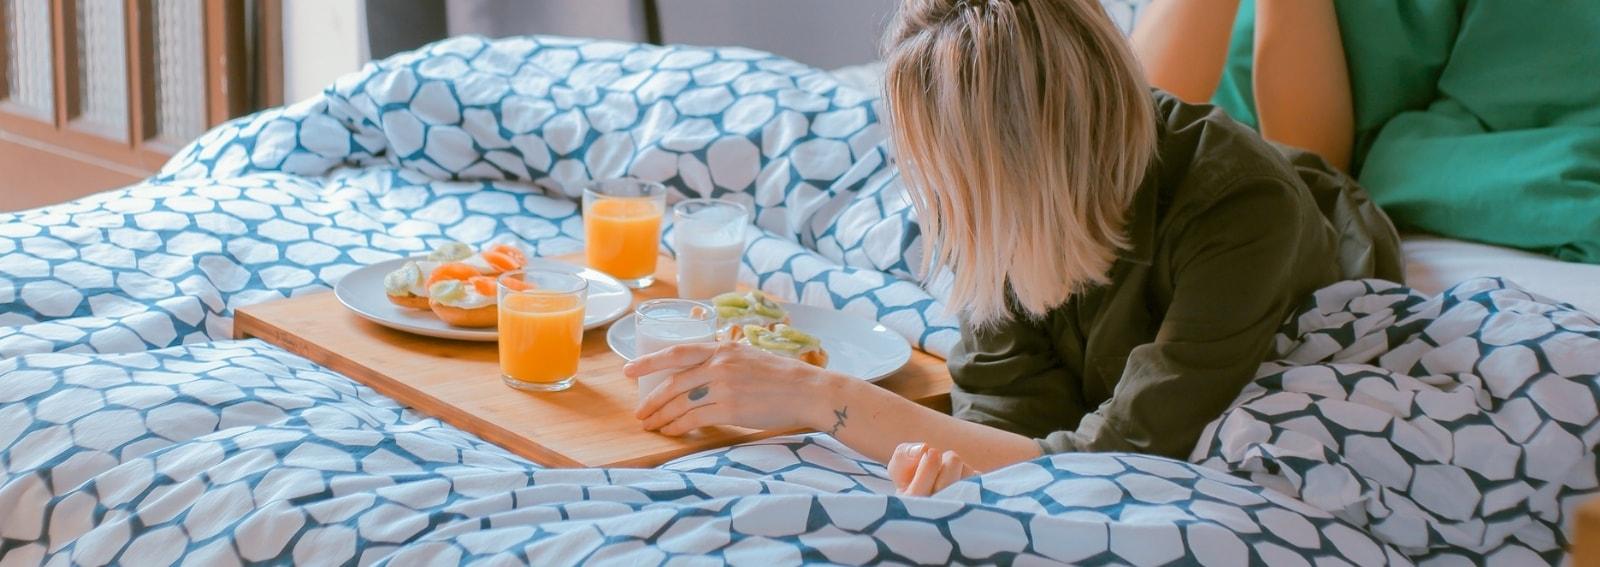 colazione desktop